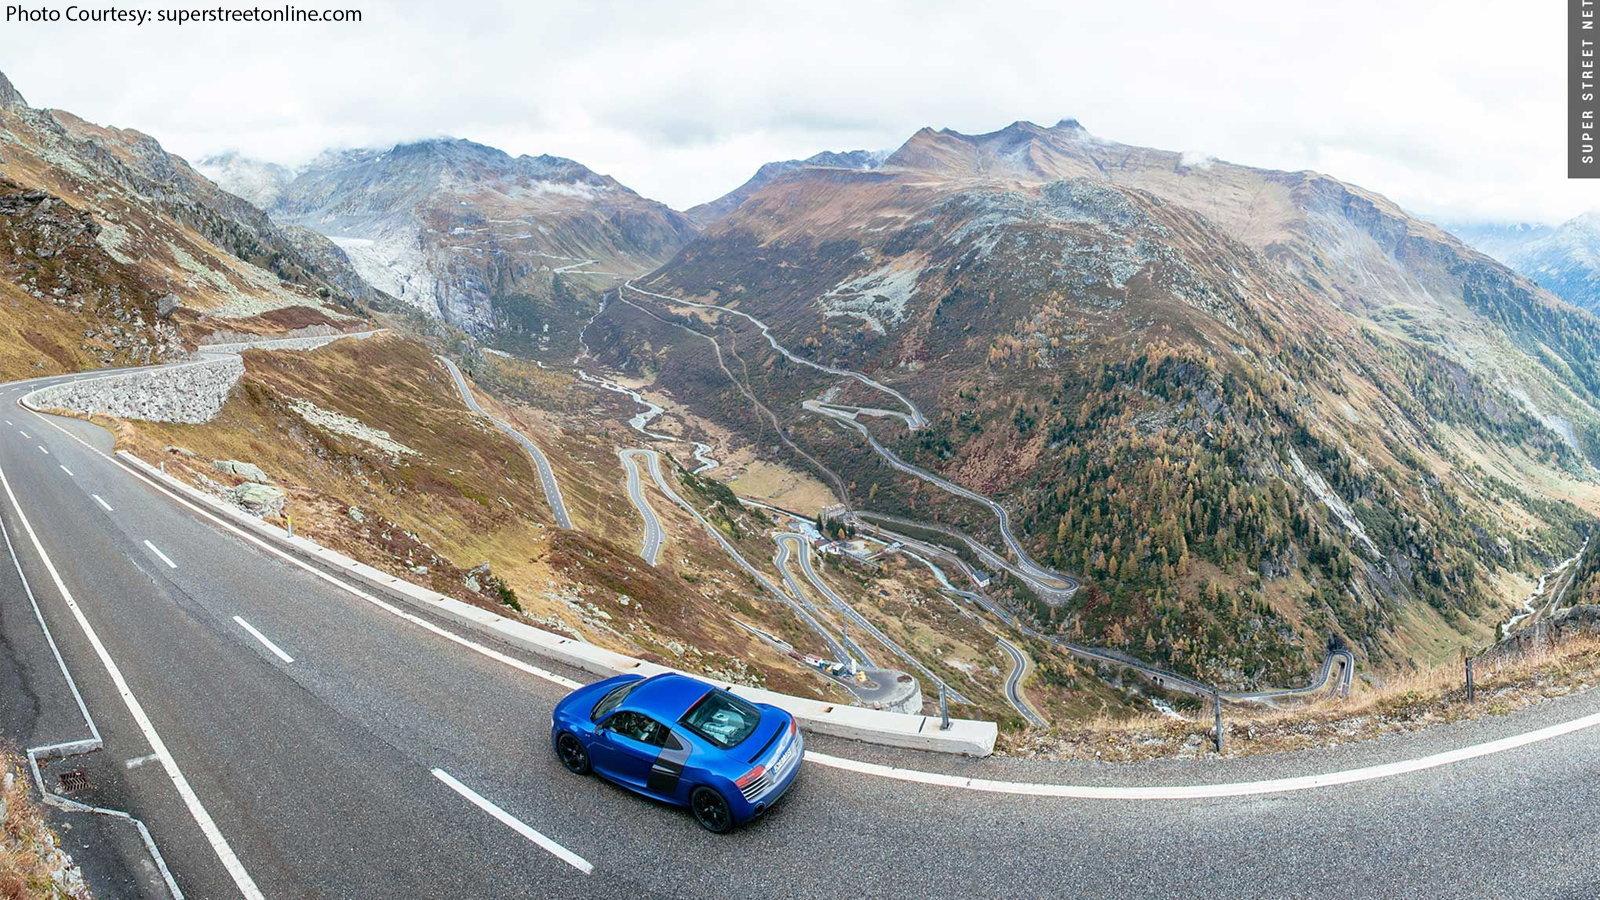 Furka Pass/Swiss Alps